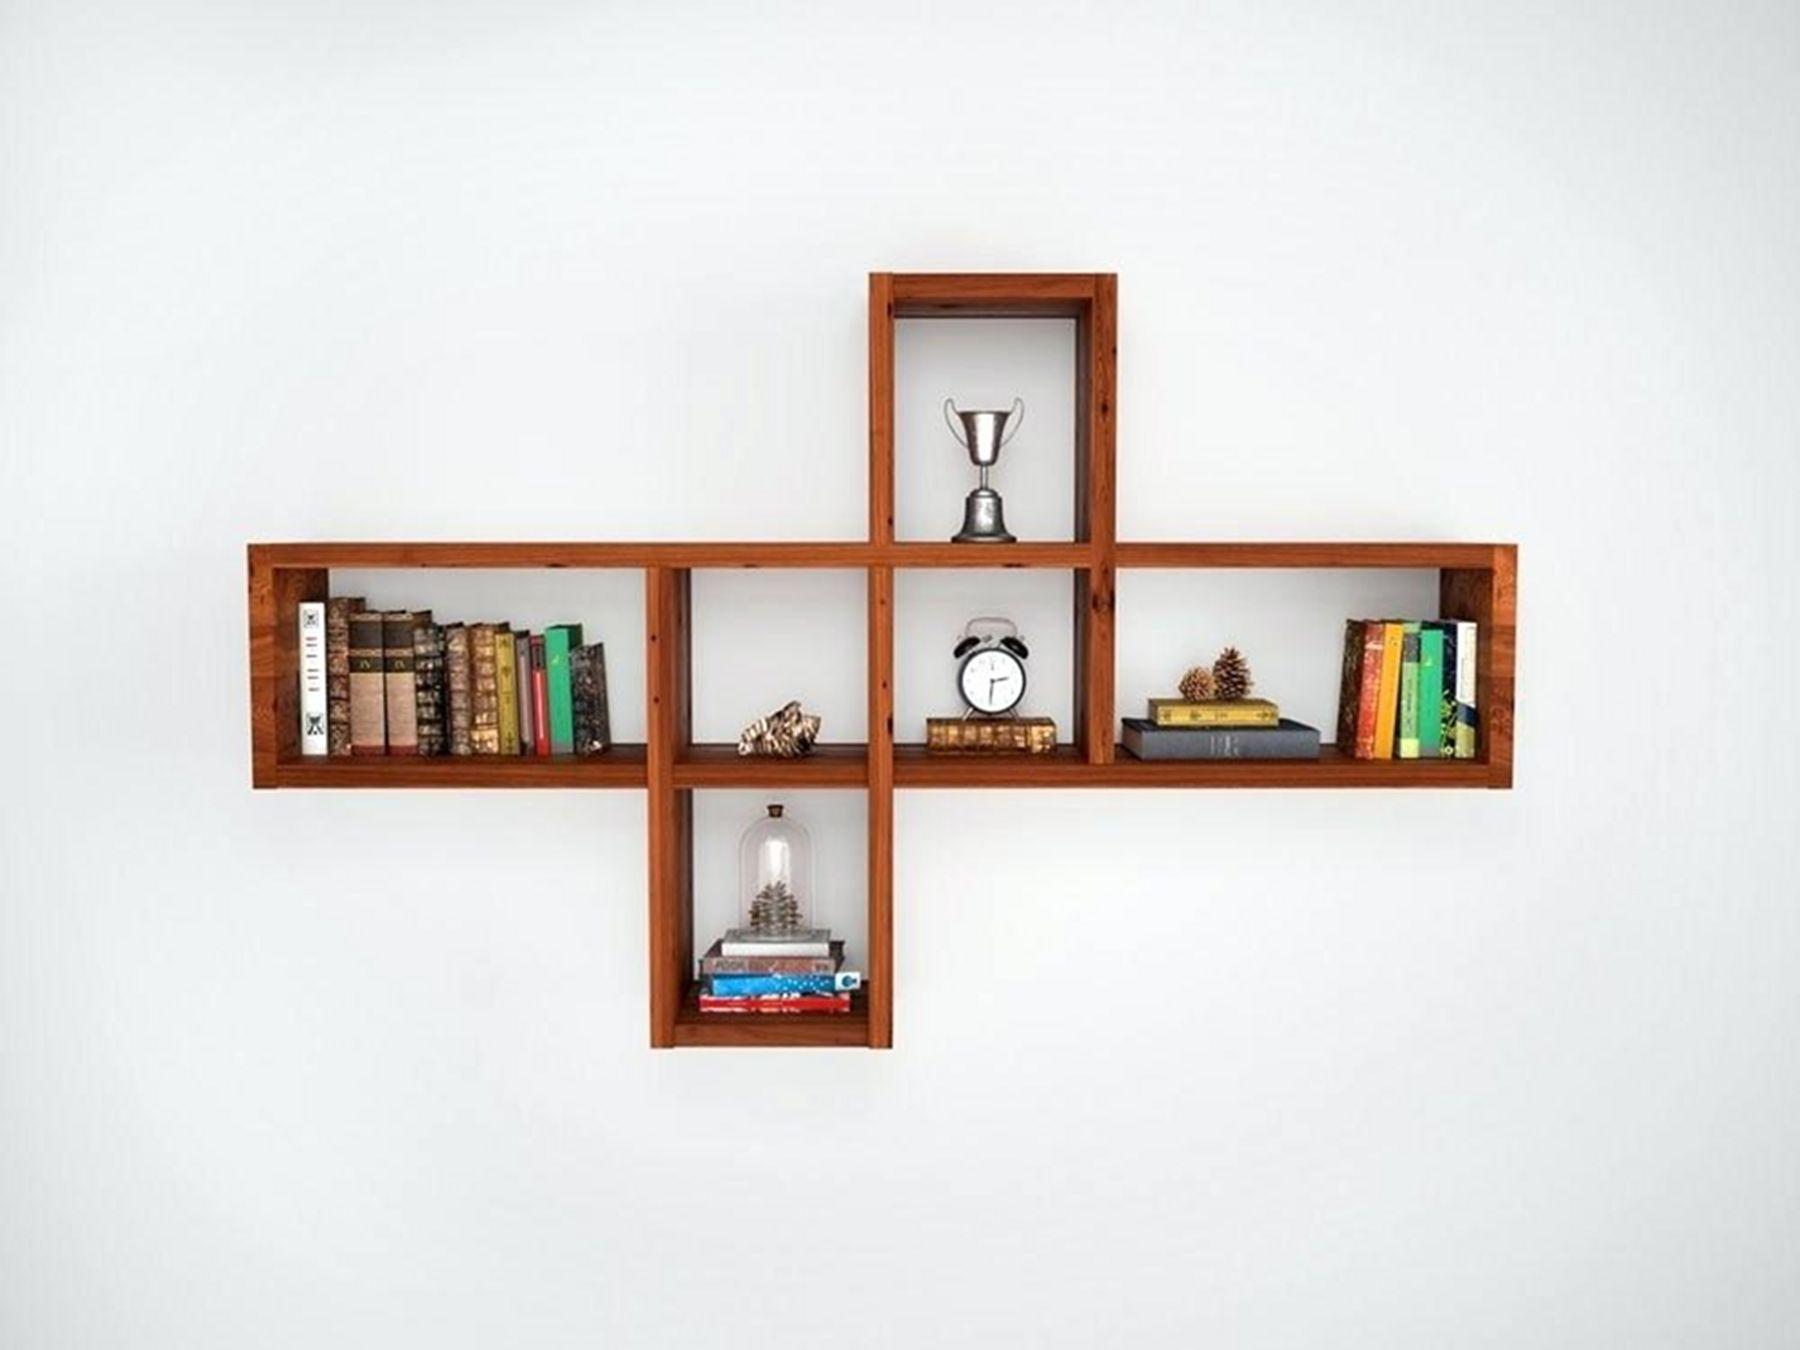 Cool Wall Shelf Design Ideas Roomy Wall Shelves Design Wooden